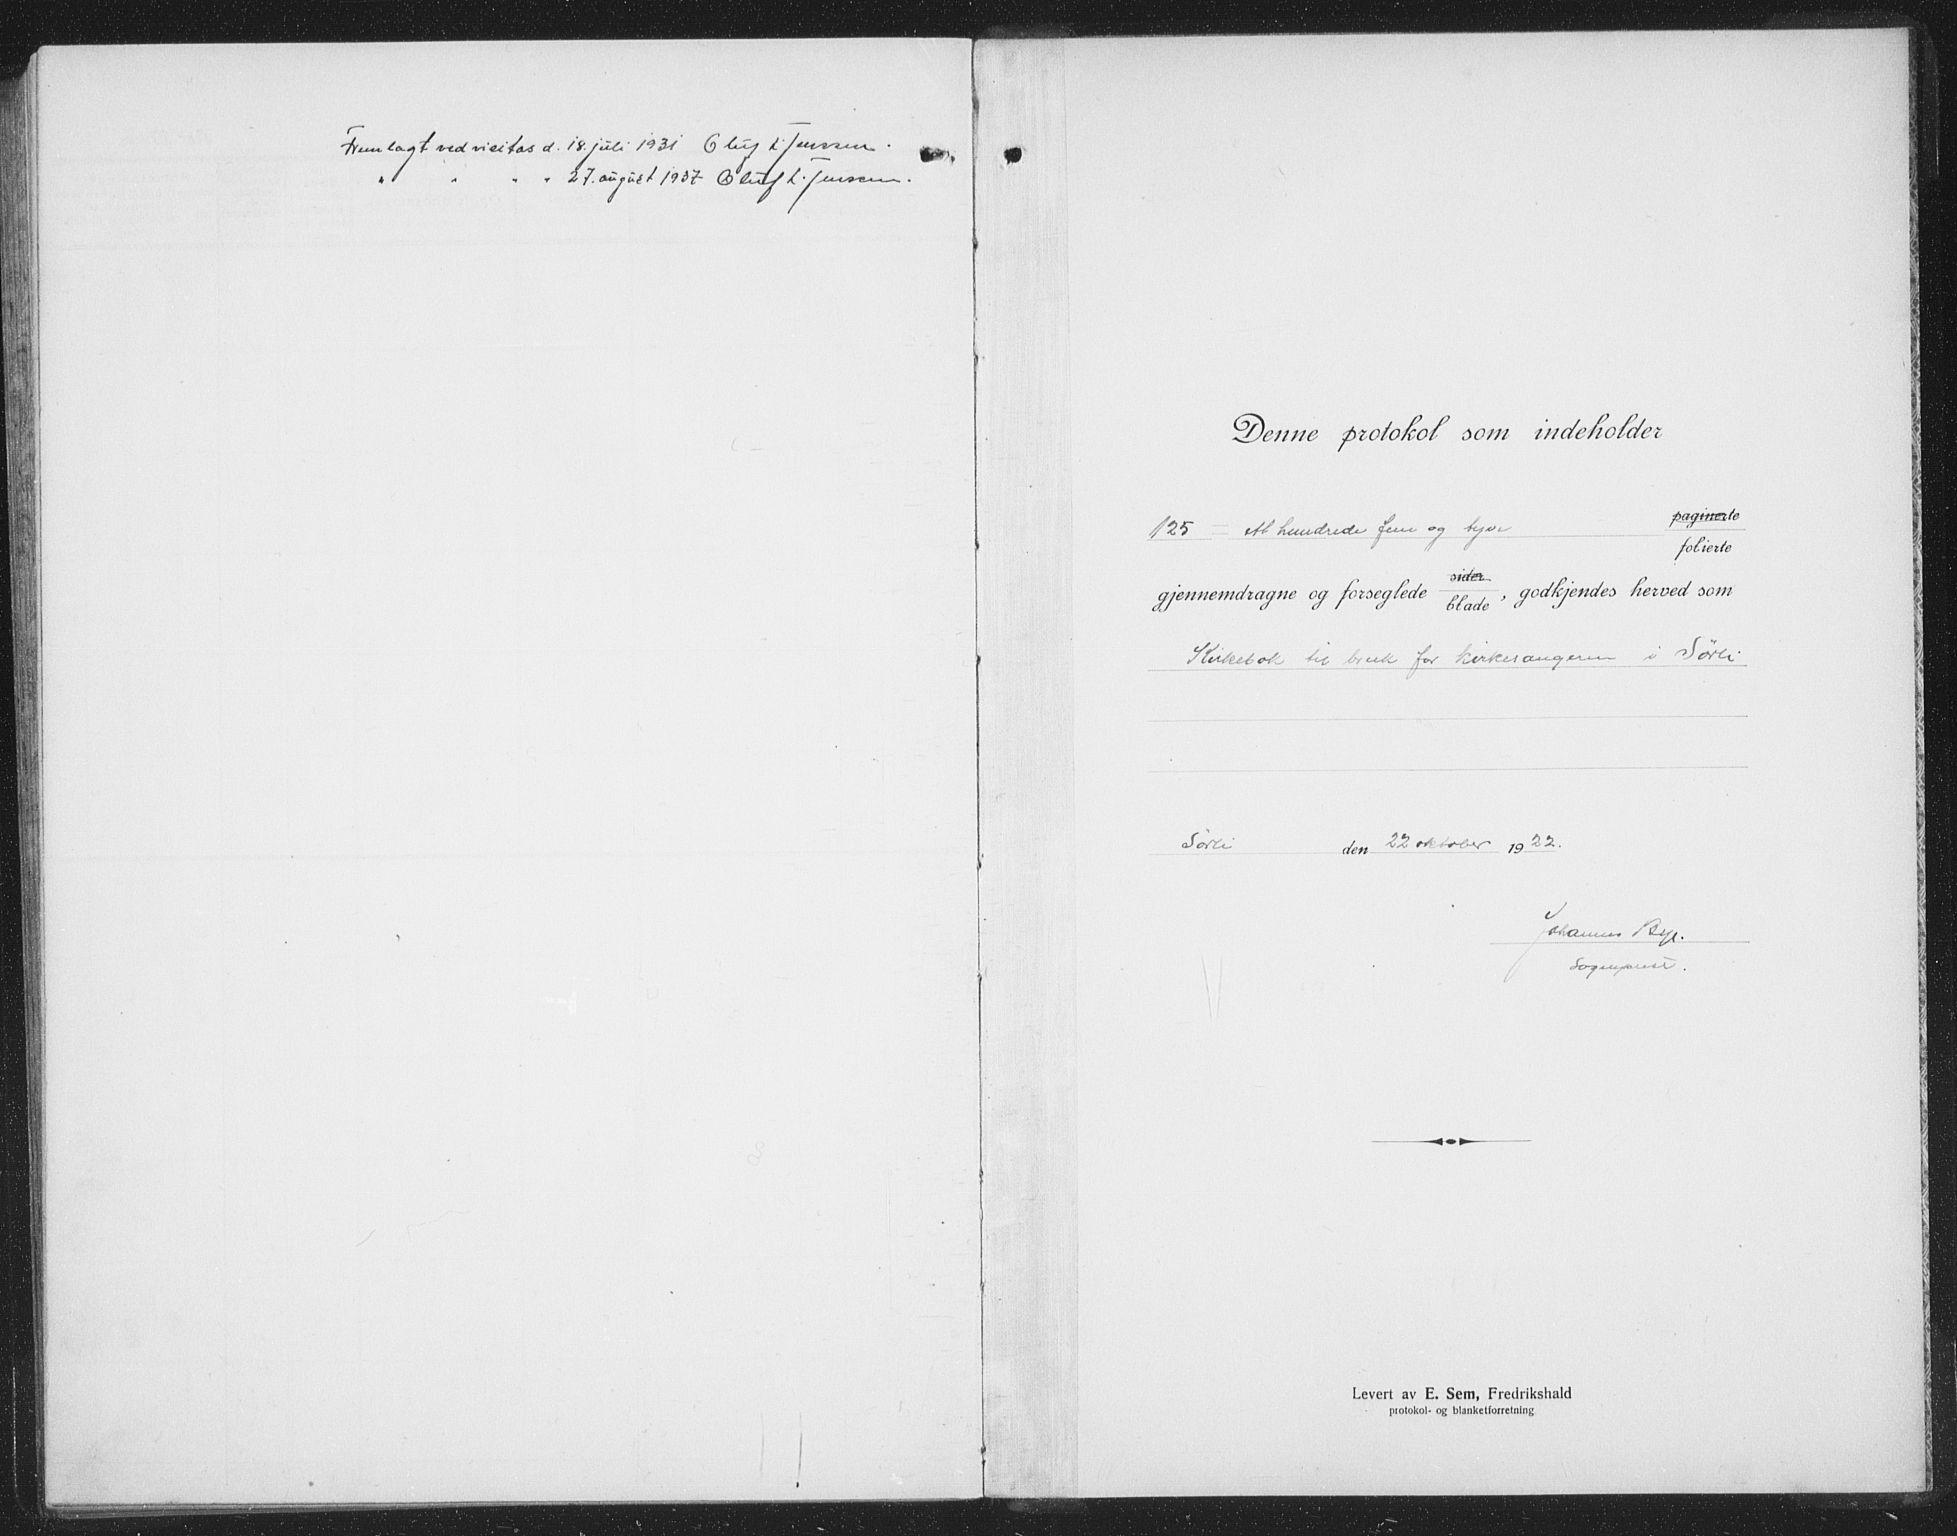 SAT, Ministerialprotokoller, klokkerbøker og fødselsregistre - Nord-Trøndelag, 757/L0507: Klokkerbok nr. 757C02, 1923-1939